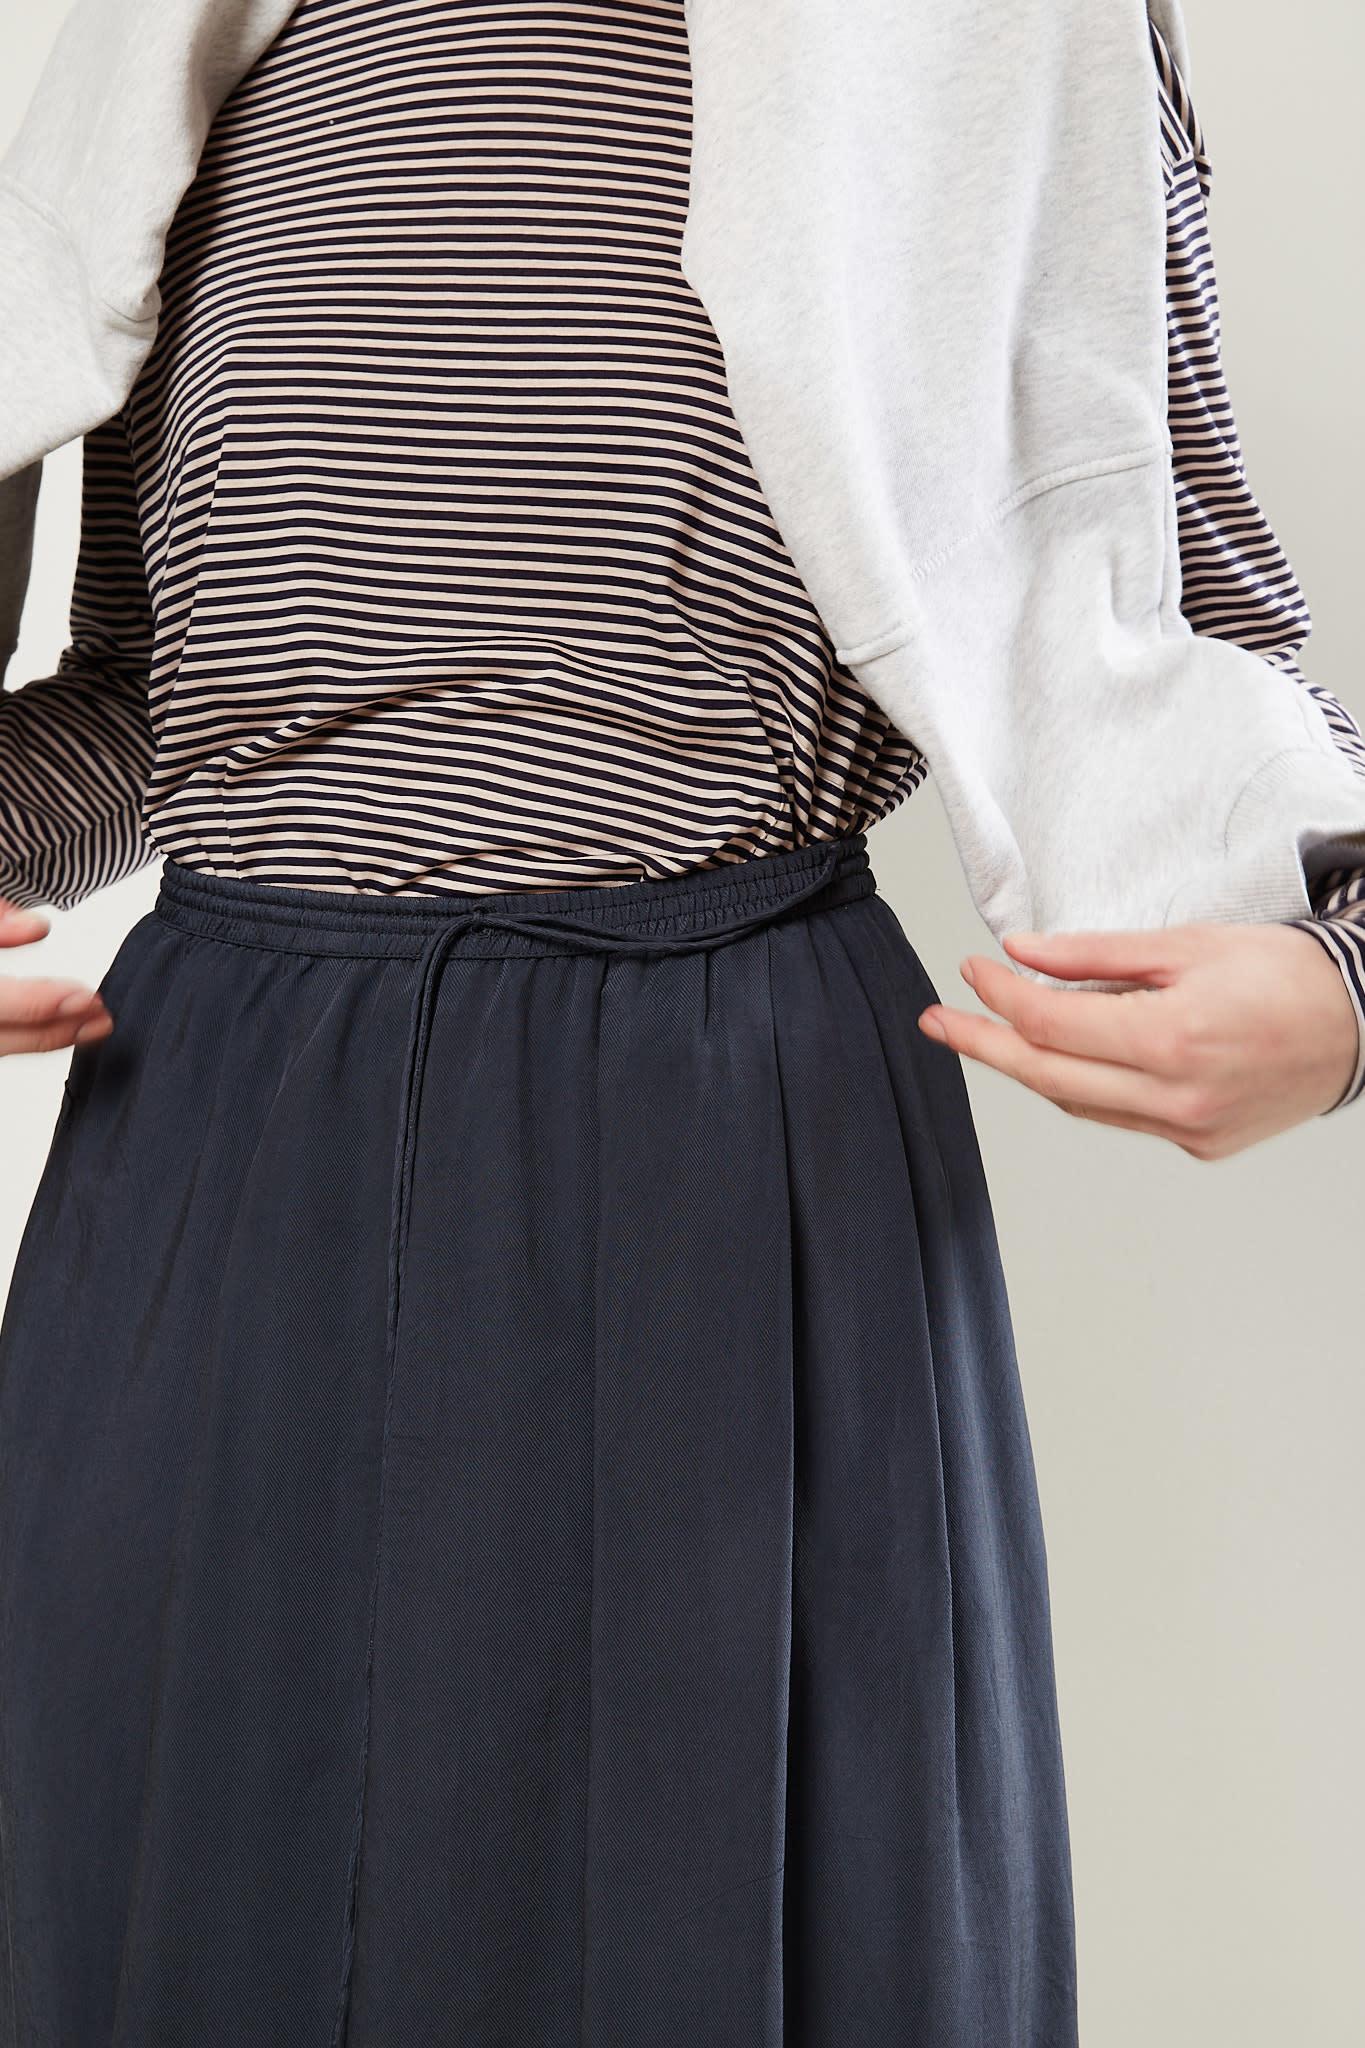 Humanoid - Hurtado diamond skirt